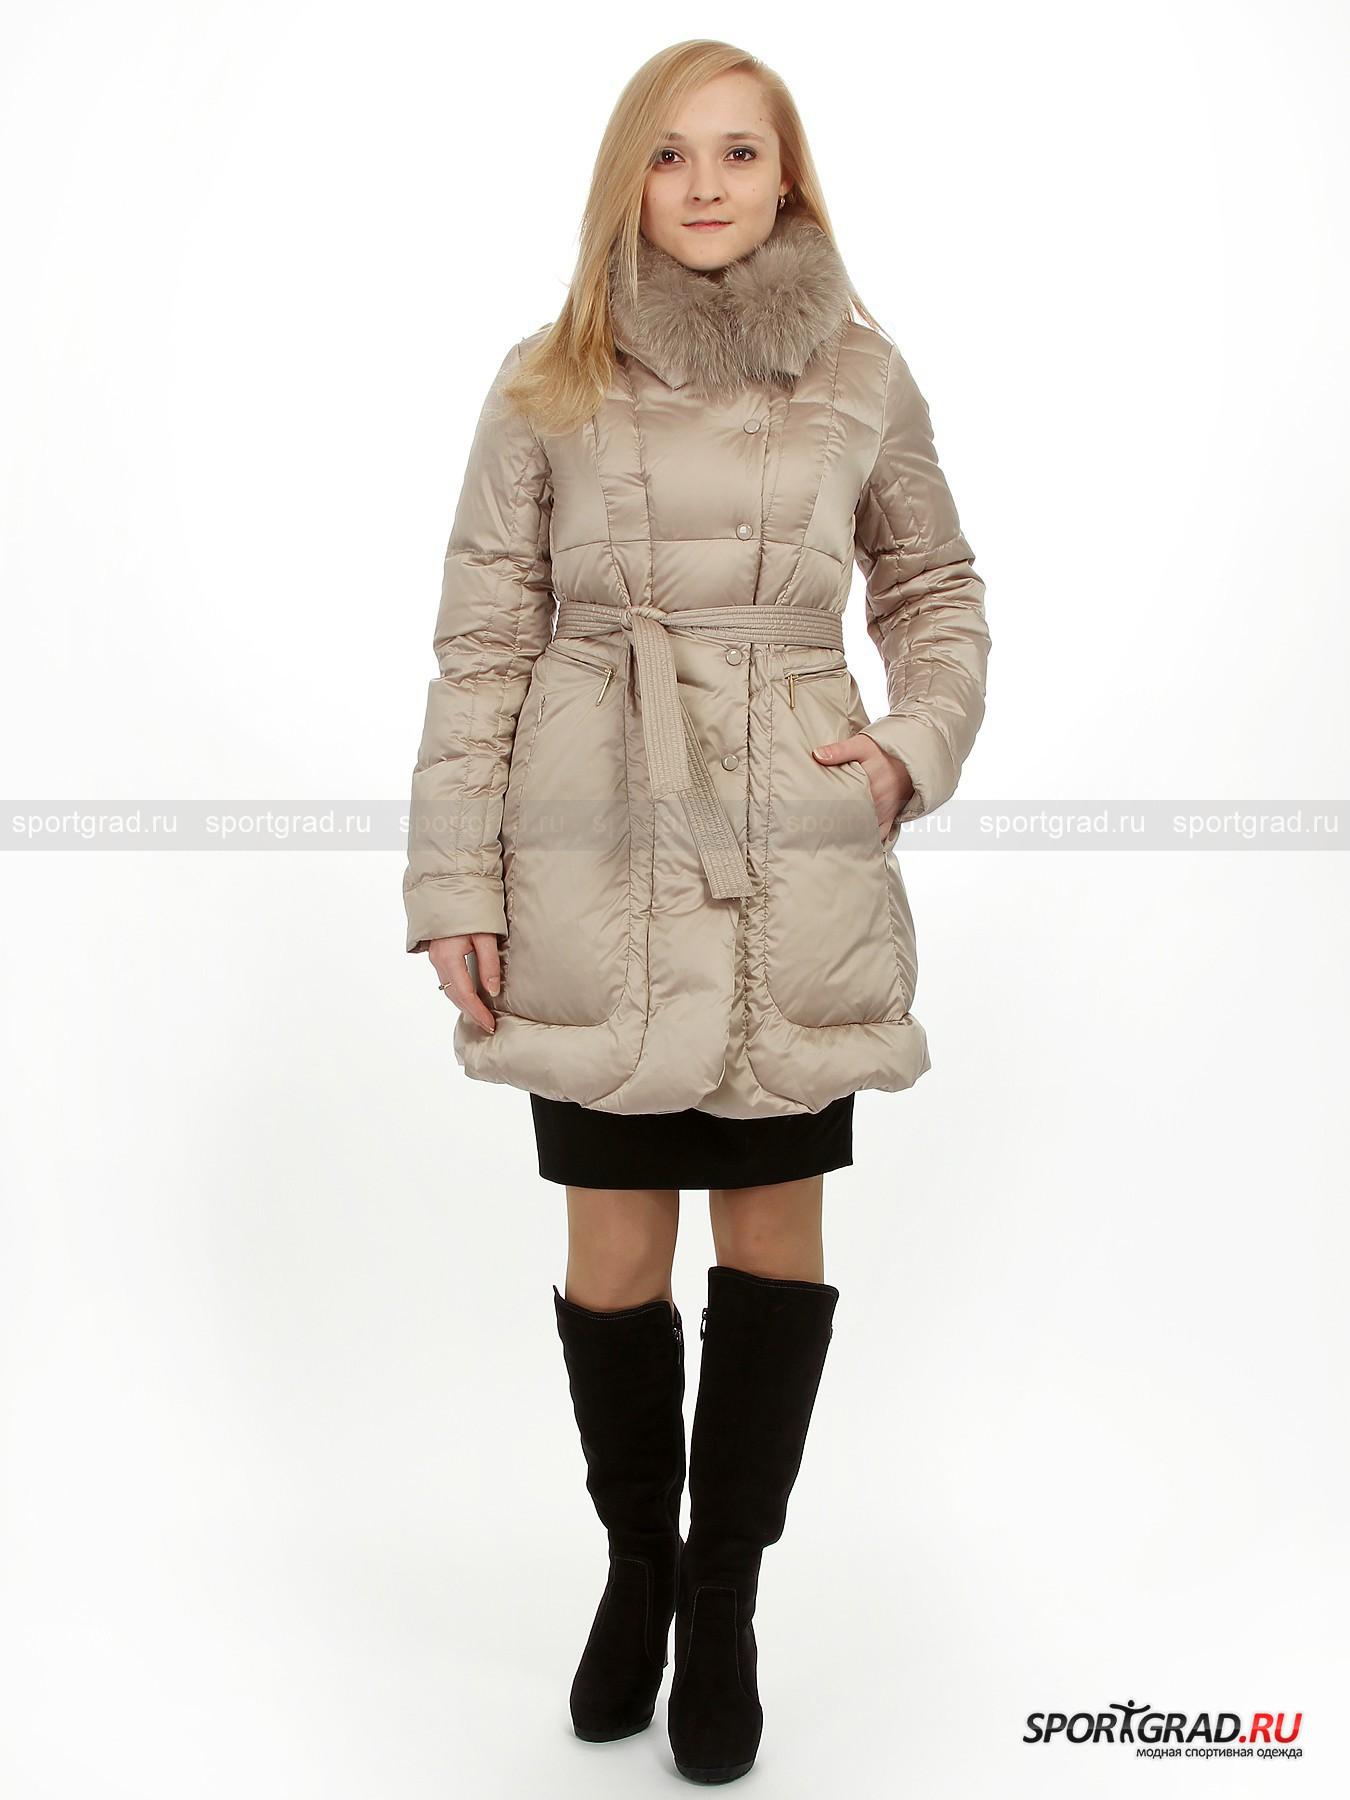 Пальто женское Tresor CINELLI STUDIO от Спортград